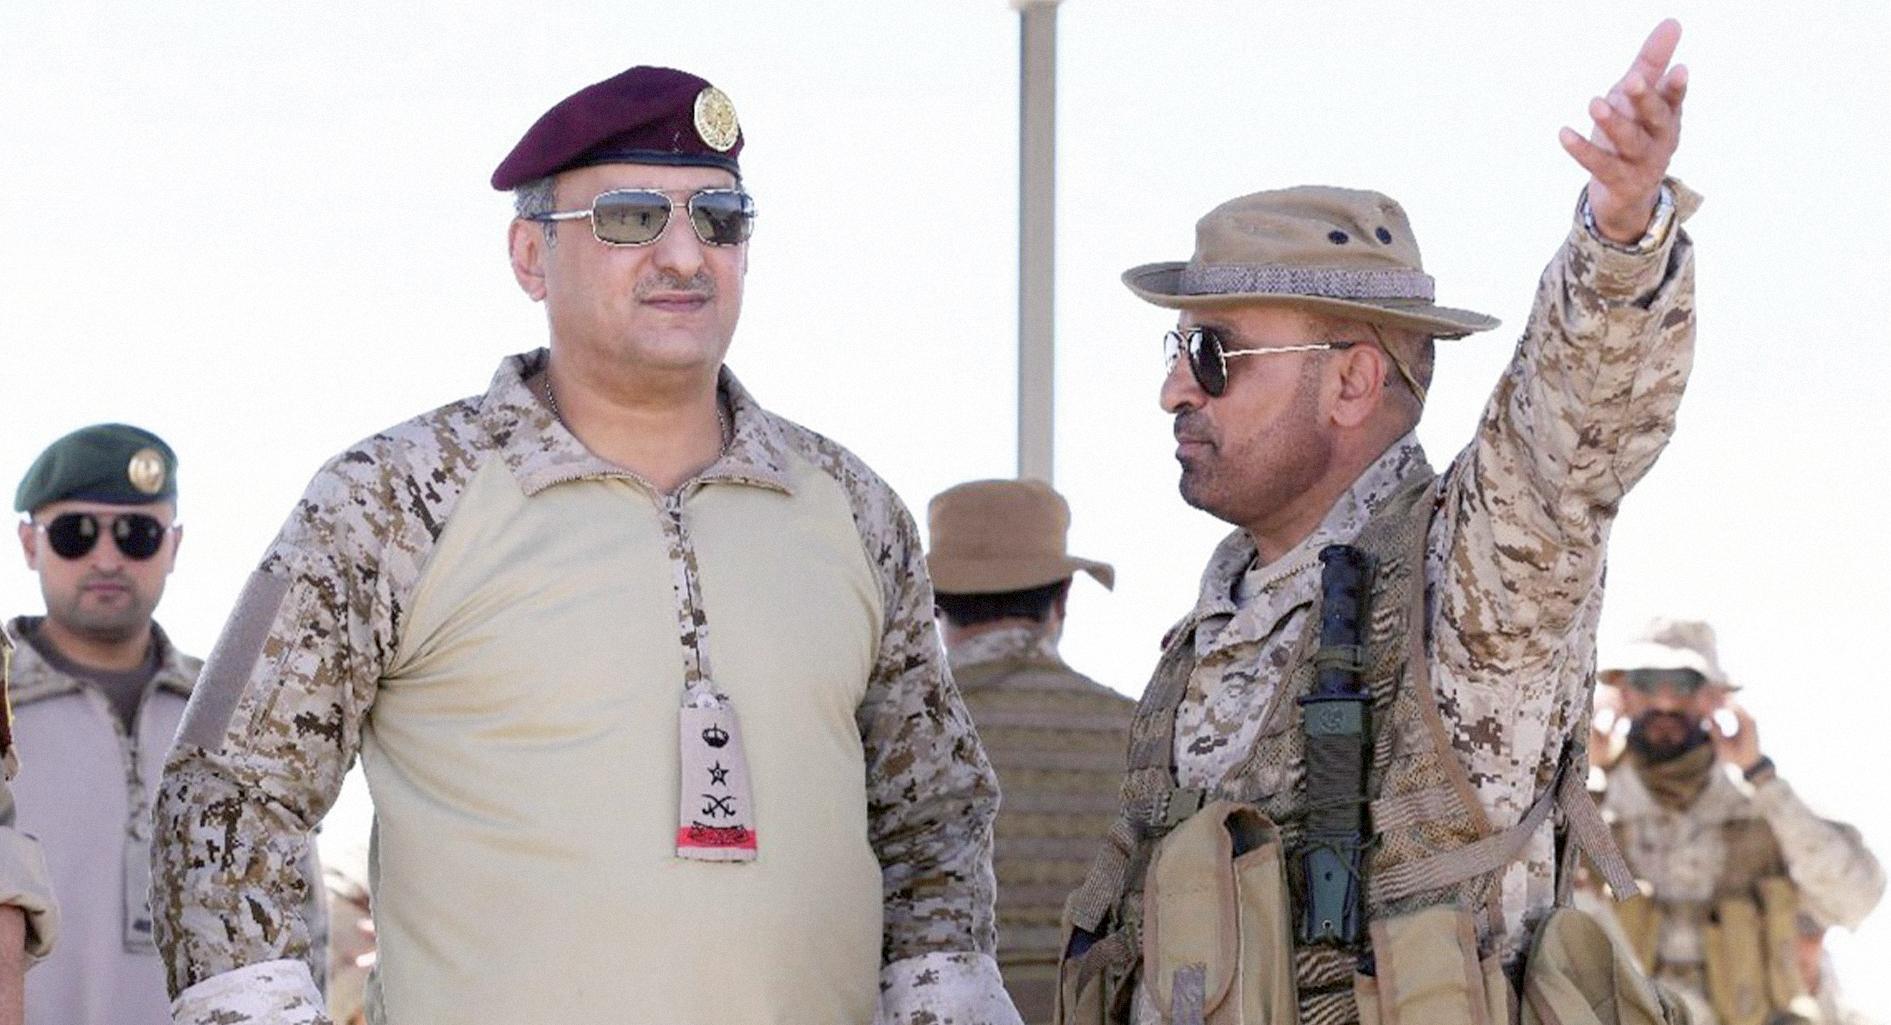 صورة التحالف العربي يتوعد اليمن بجريمة حرب معتبرة رداً على جريمتهم باستهداف مطار مدني